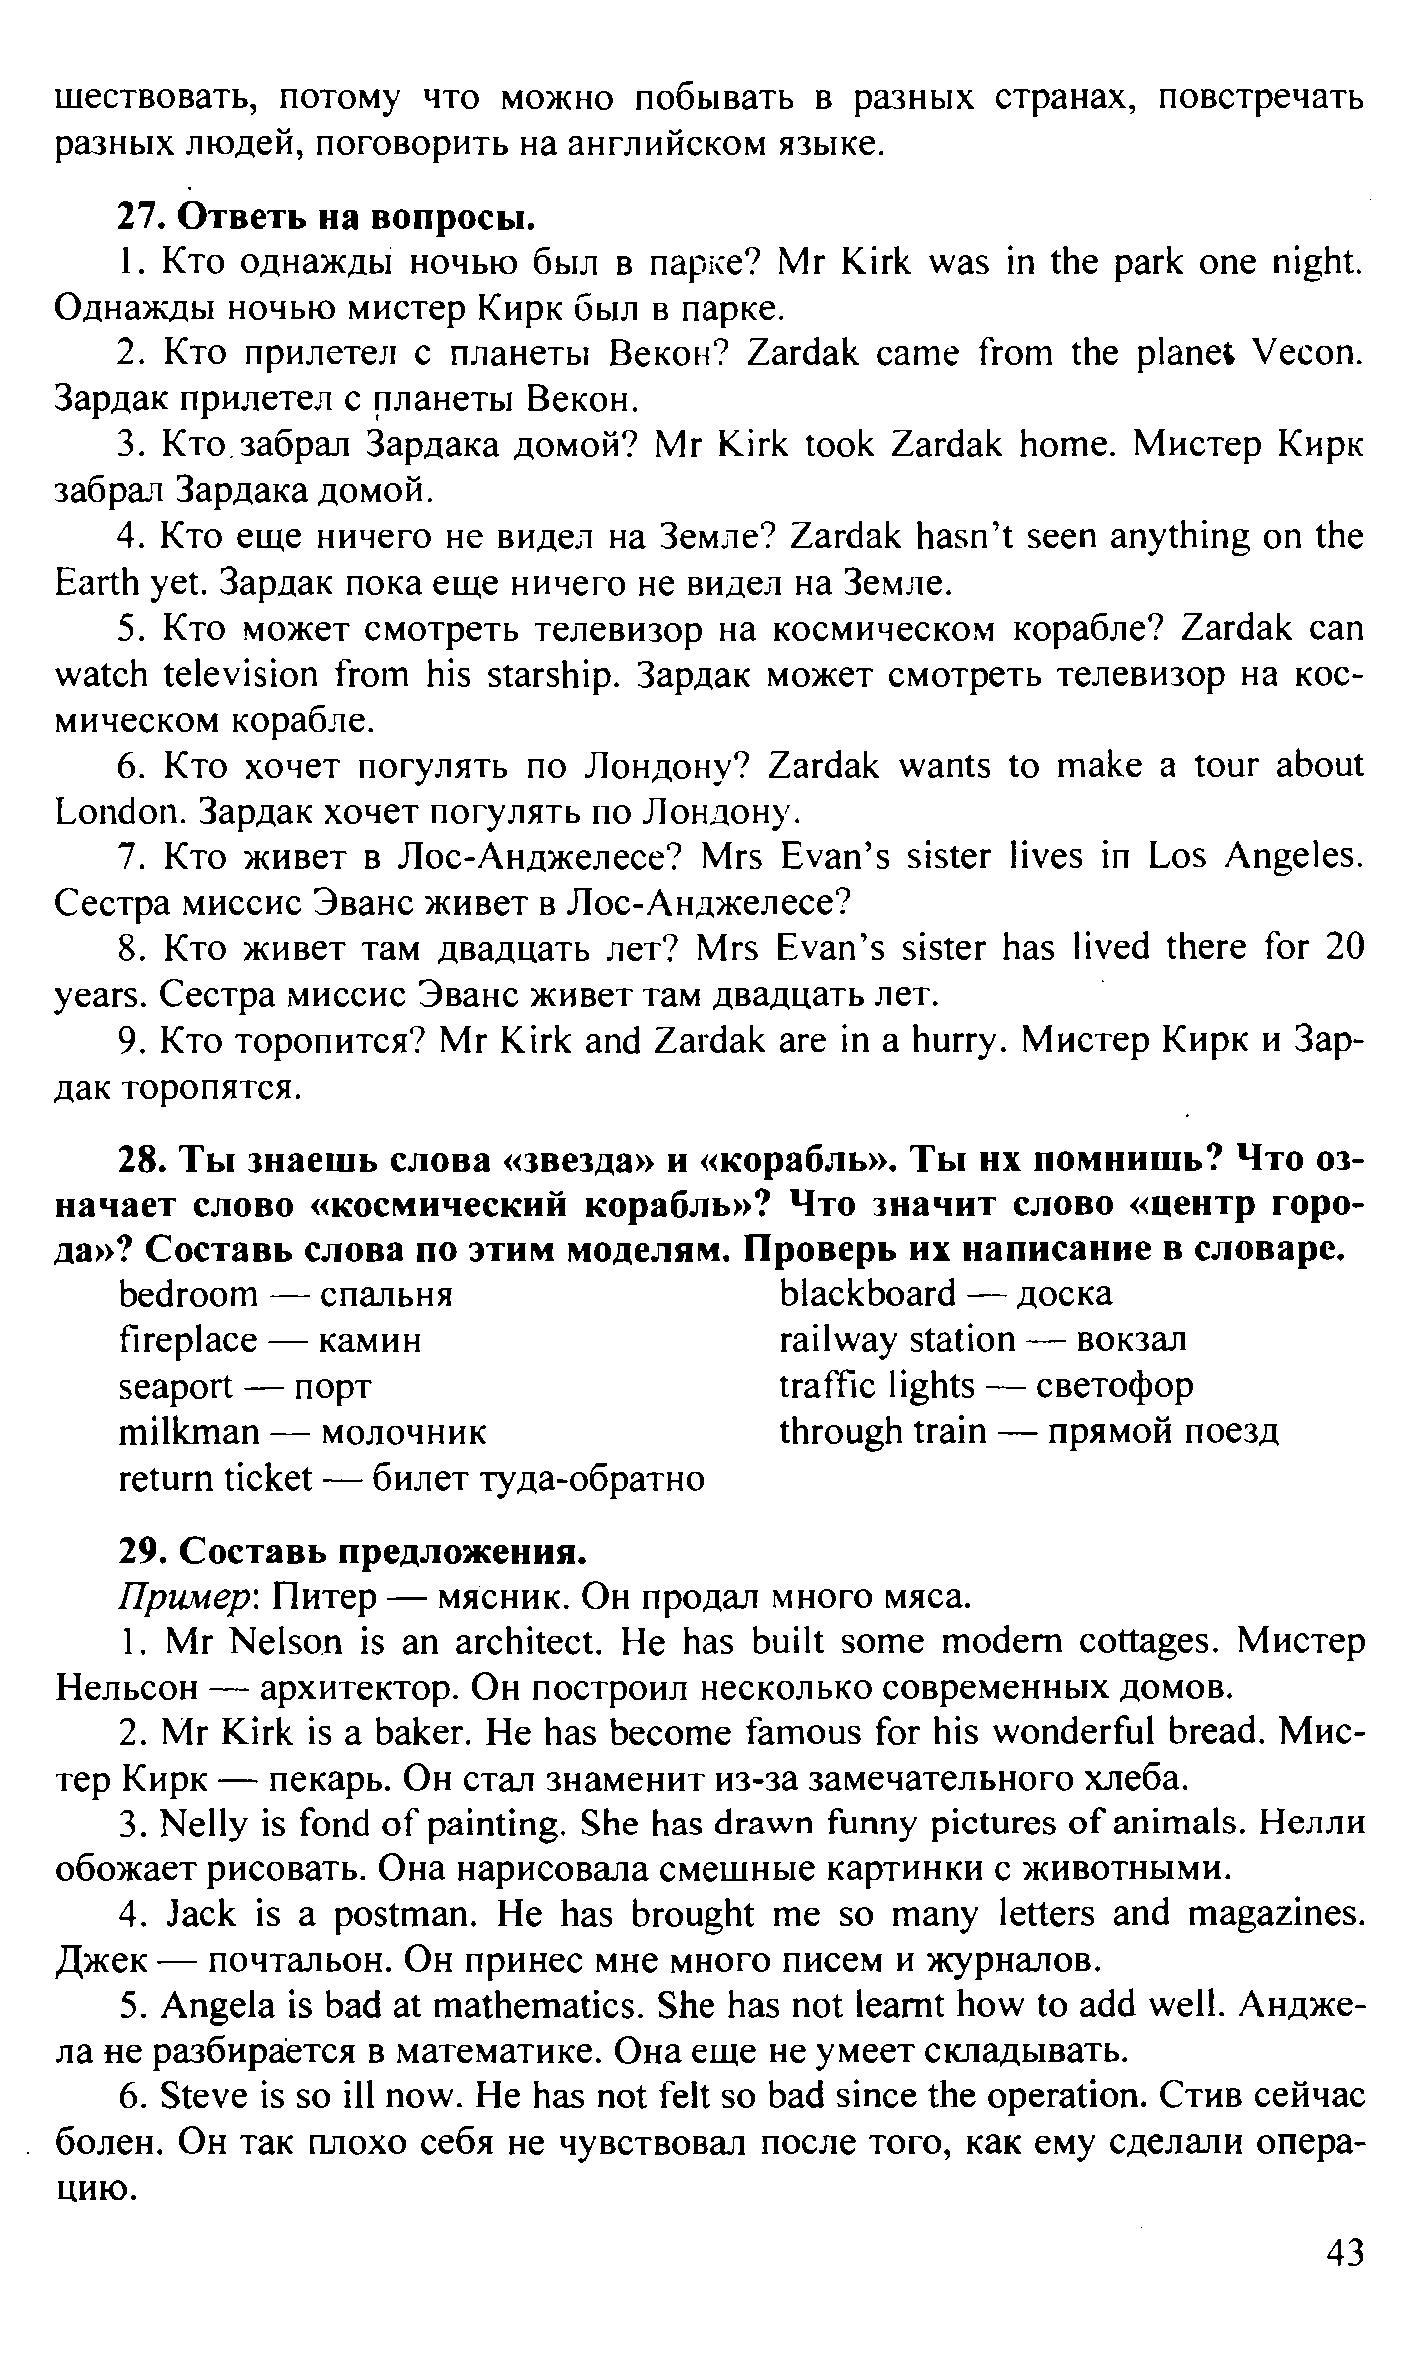 Текс по англ языку для аудирования биболетова 10 класс